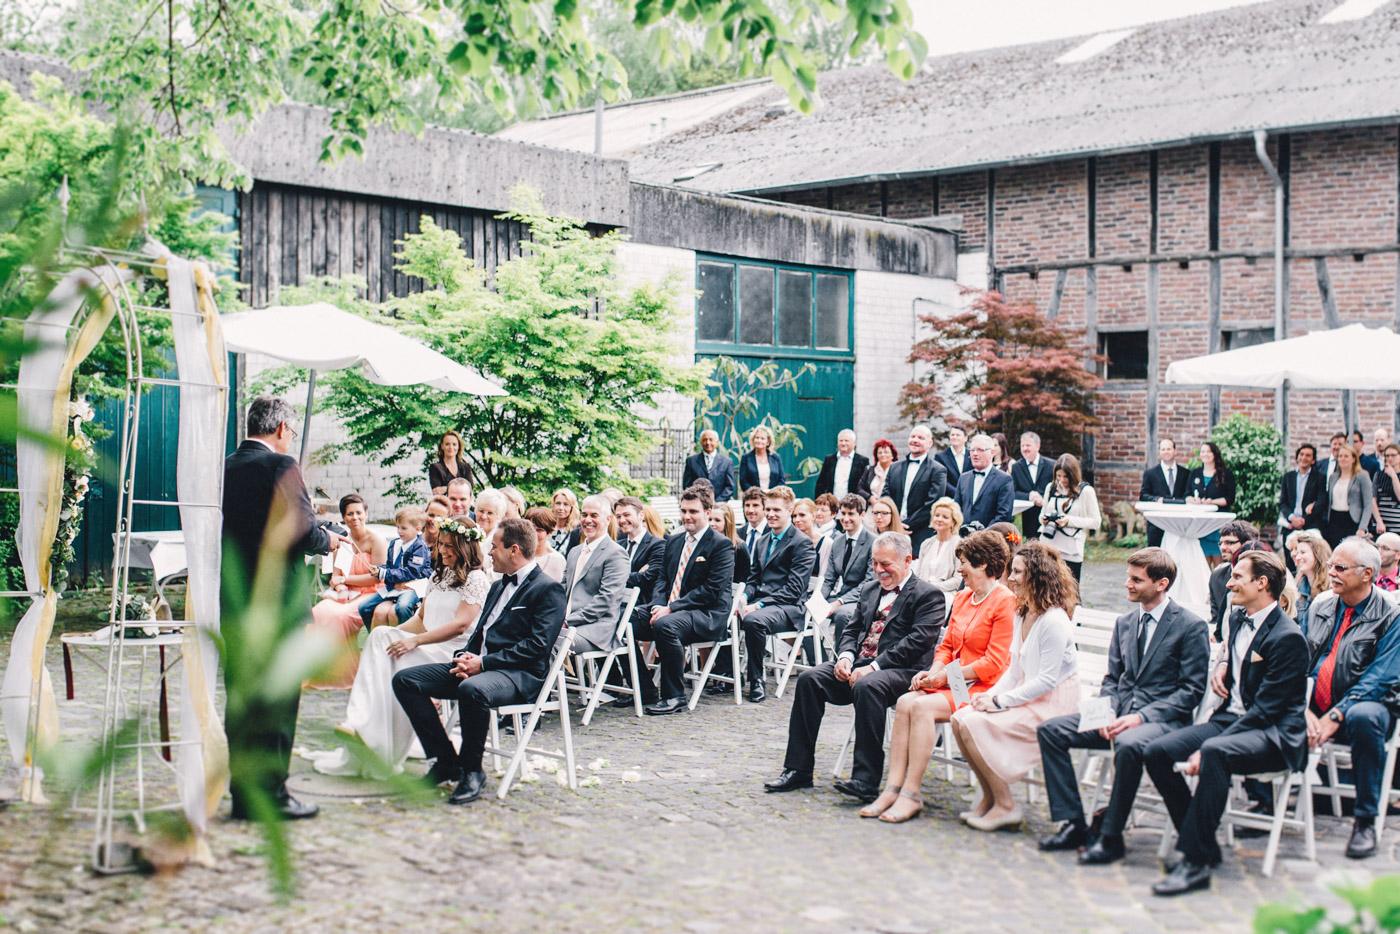 diy-wedding-nothenhof--84